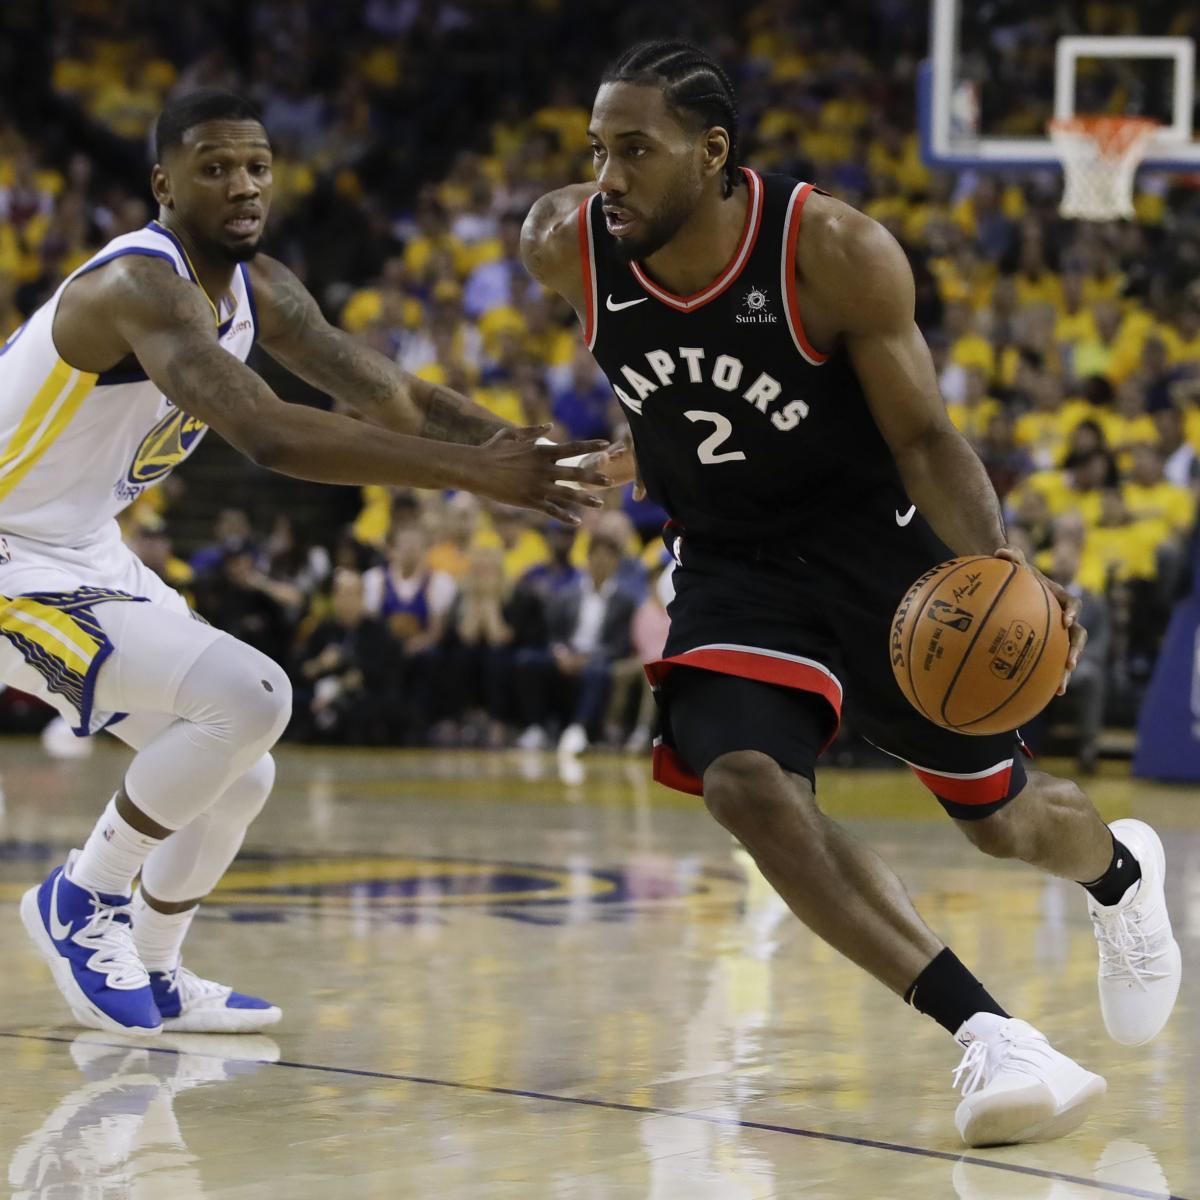 Warriors Game Broadcast Tv: NBA Finals 2019: Warriors Vs. Raptors TV Schedule And Game